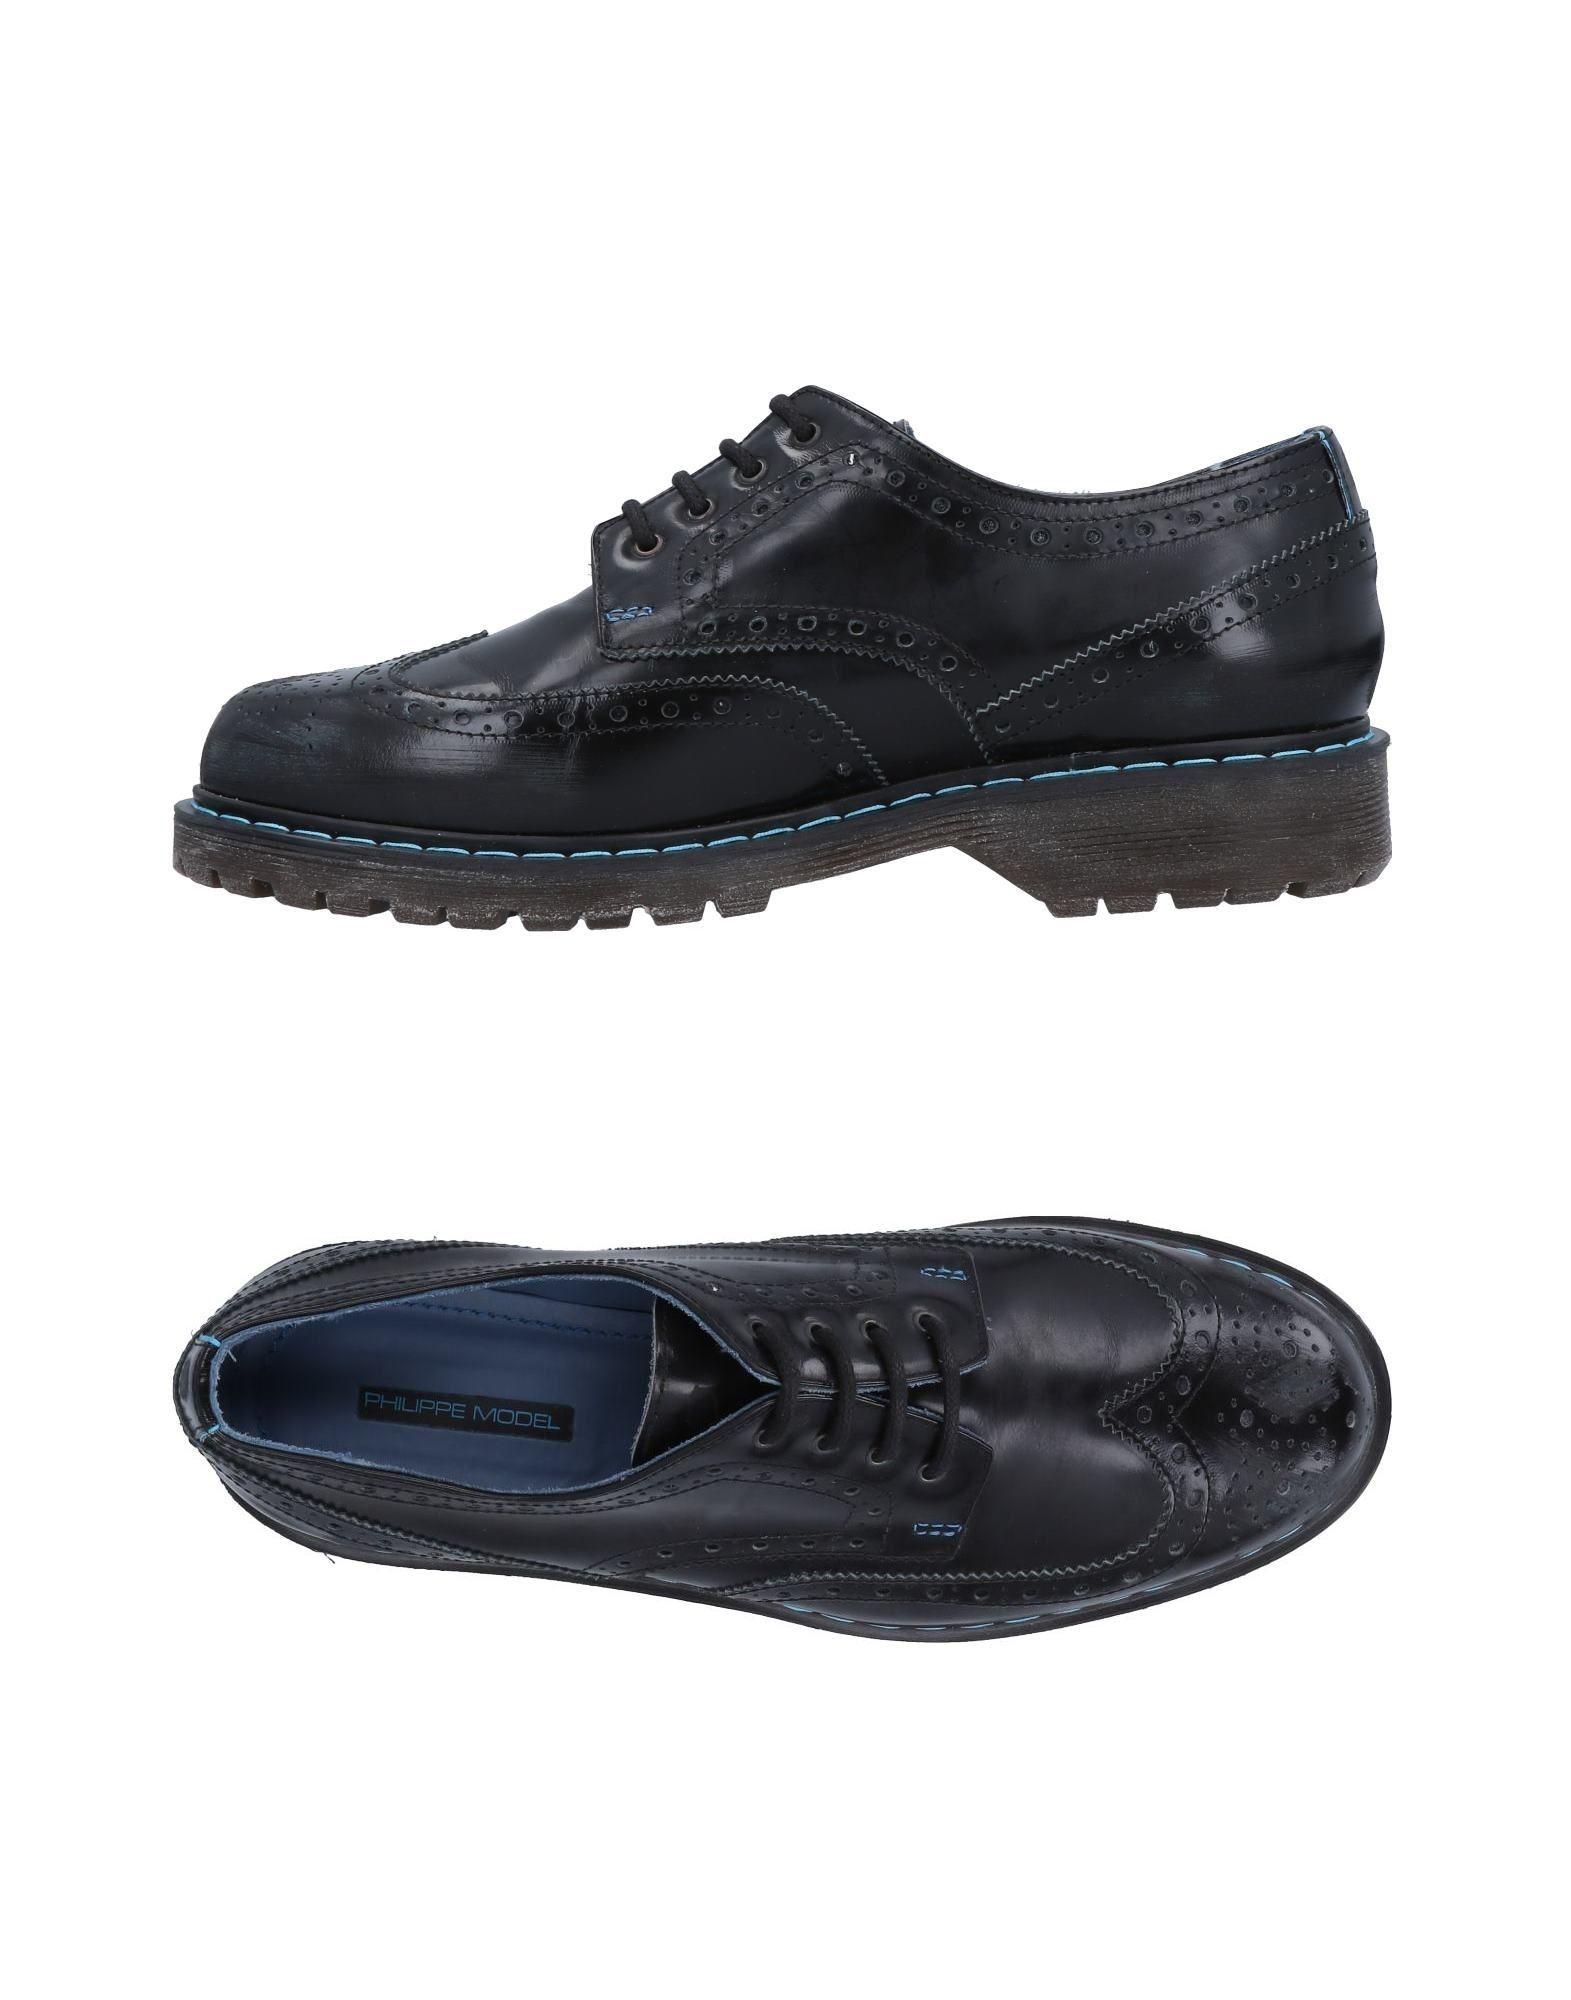 Philippe Model Schnürschuhe Herren  11516417PU Gute Qualität beliebte Schuhe